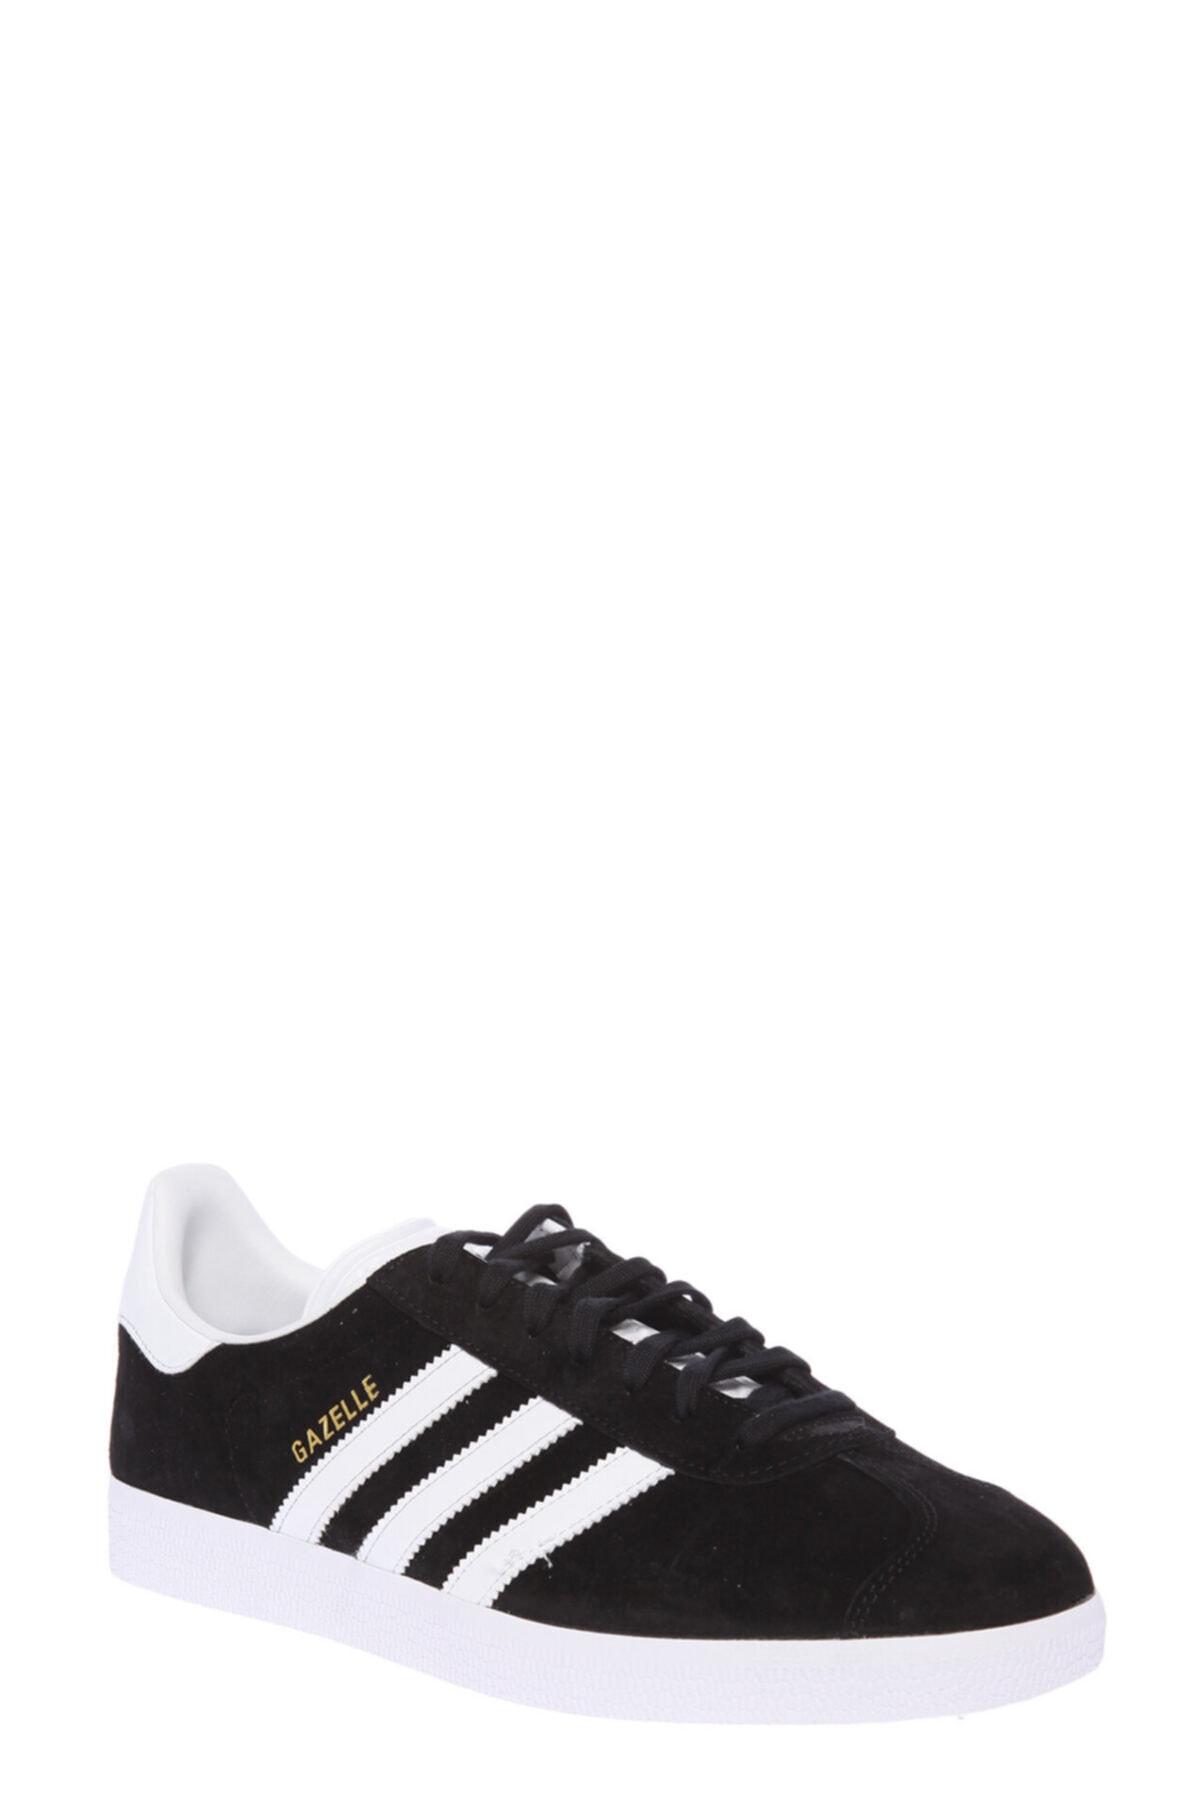 adidas GAZELLE Erkek Spor Ayakkabı 2